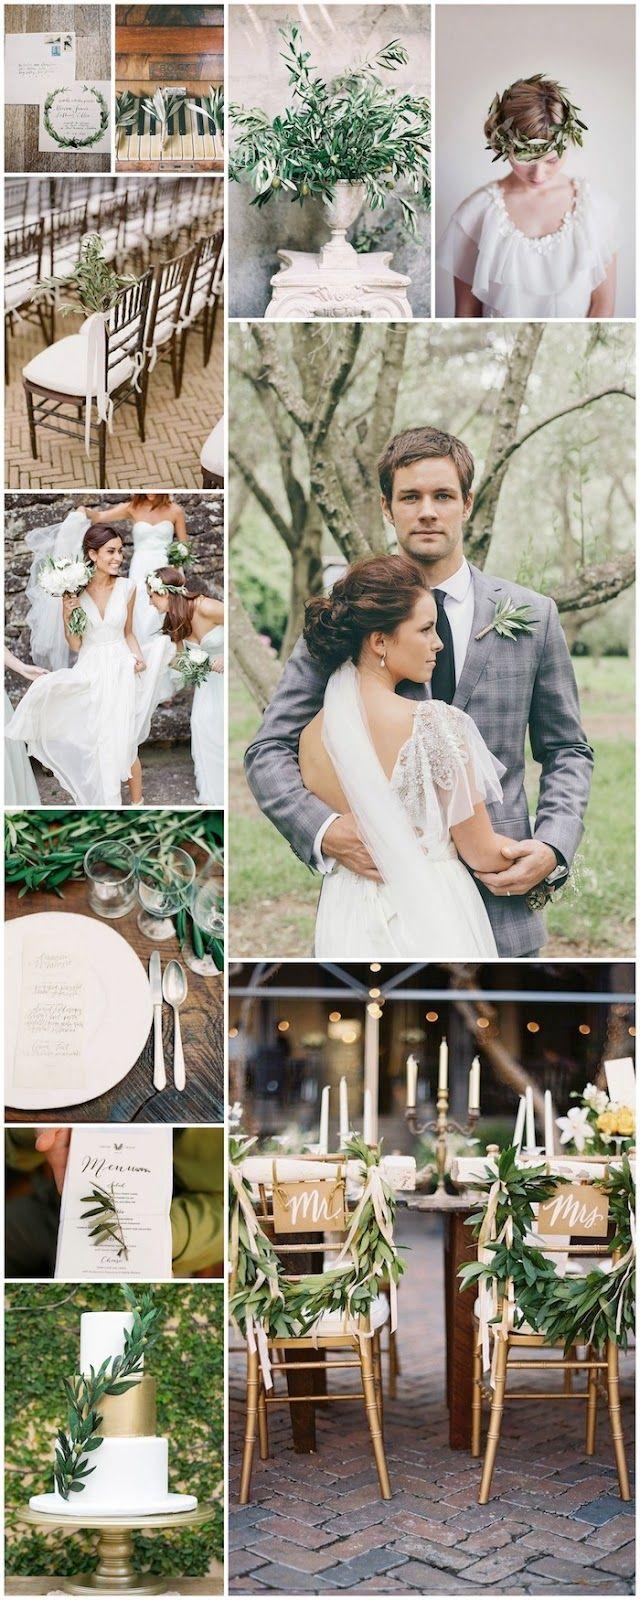 """Olivier, branche d'olivier, olive, huile d'olive, mariage, idées mariage, thème mariage, inspiration, inspiration mariage via """"love sur la comèt"""""""